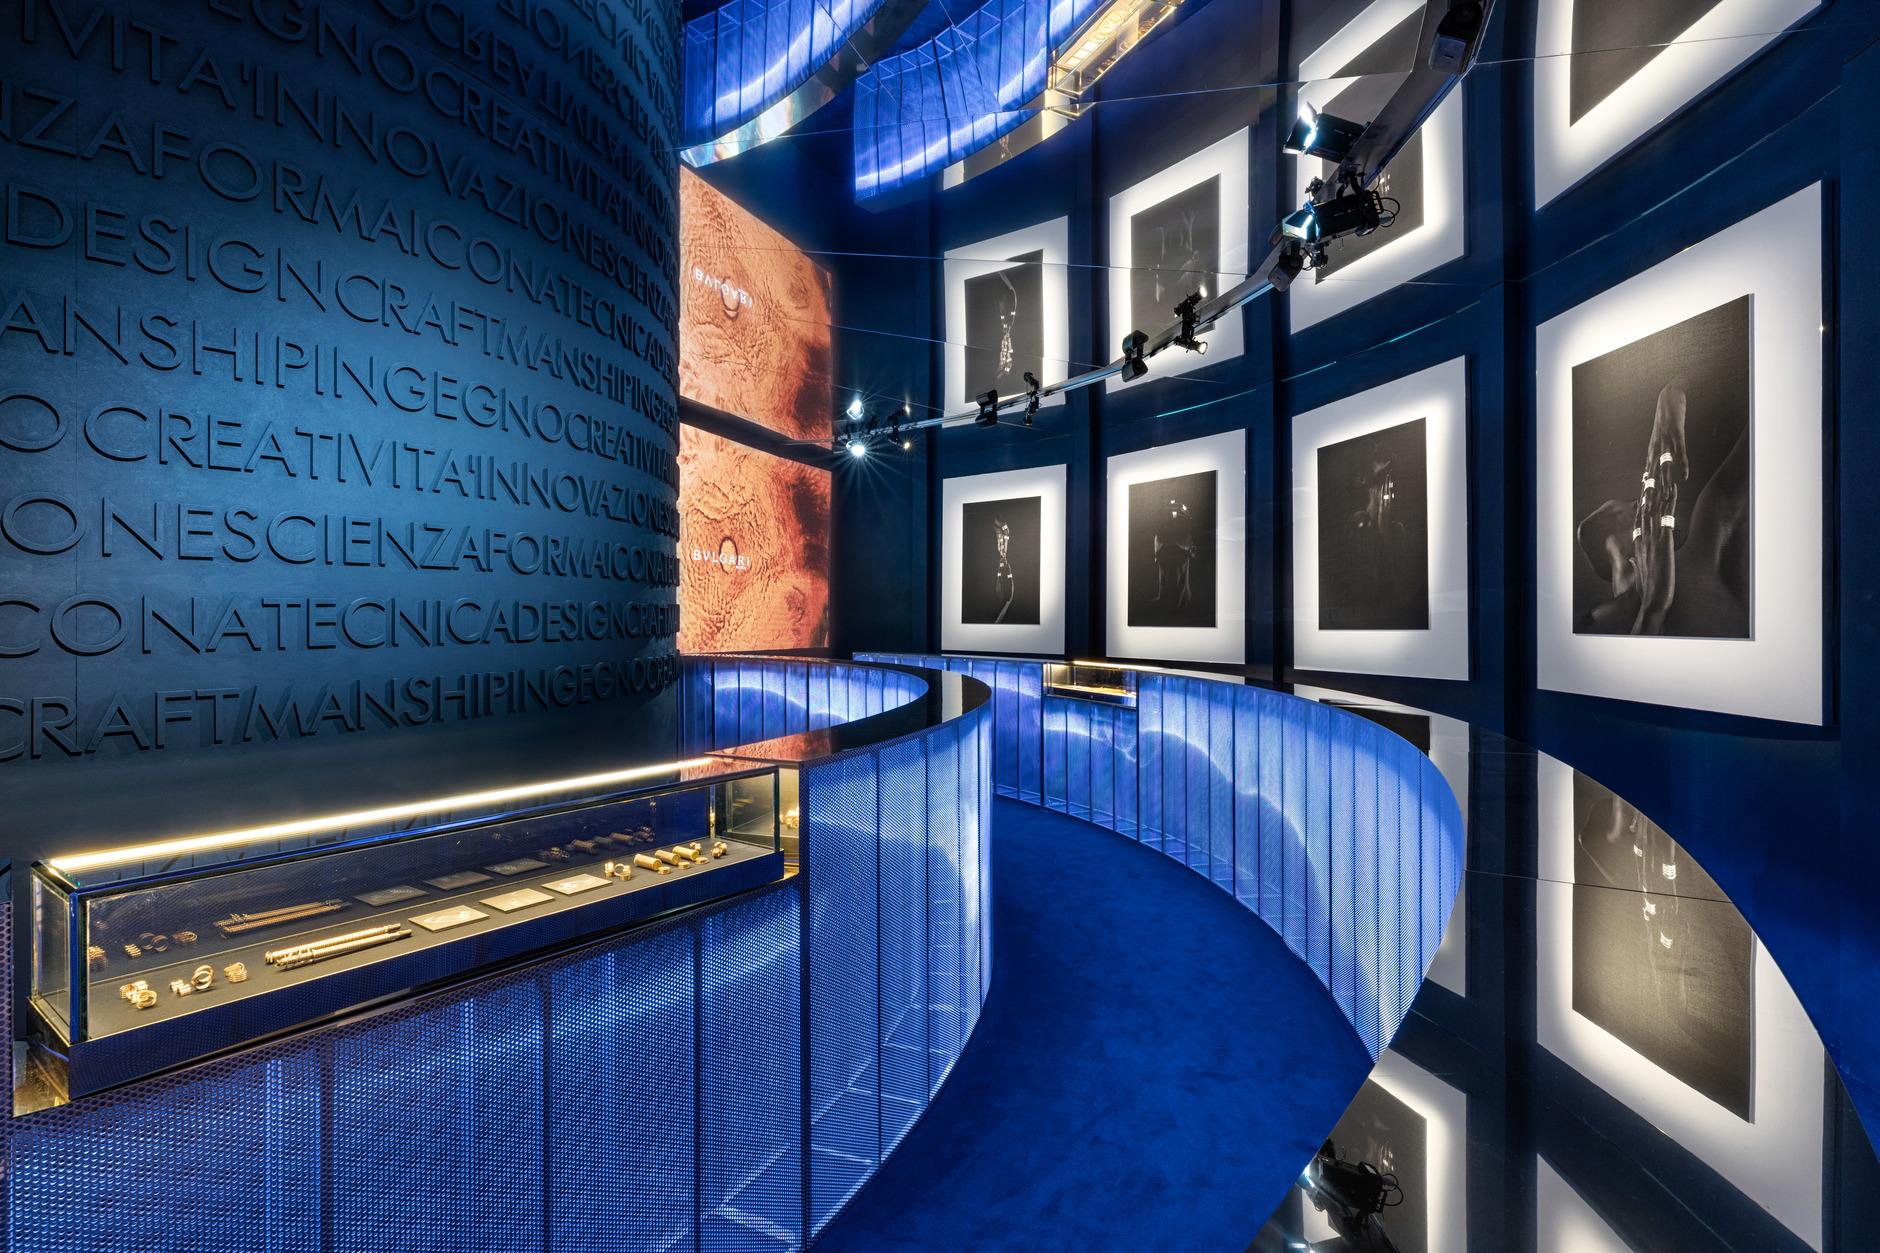 Инсталляции Bvlgari на Неделе дизайна в Милане (галерея 6, фото 3)